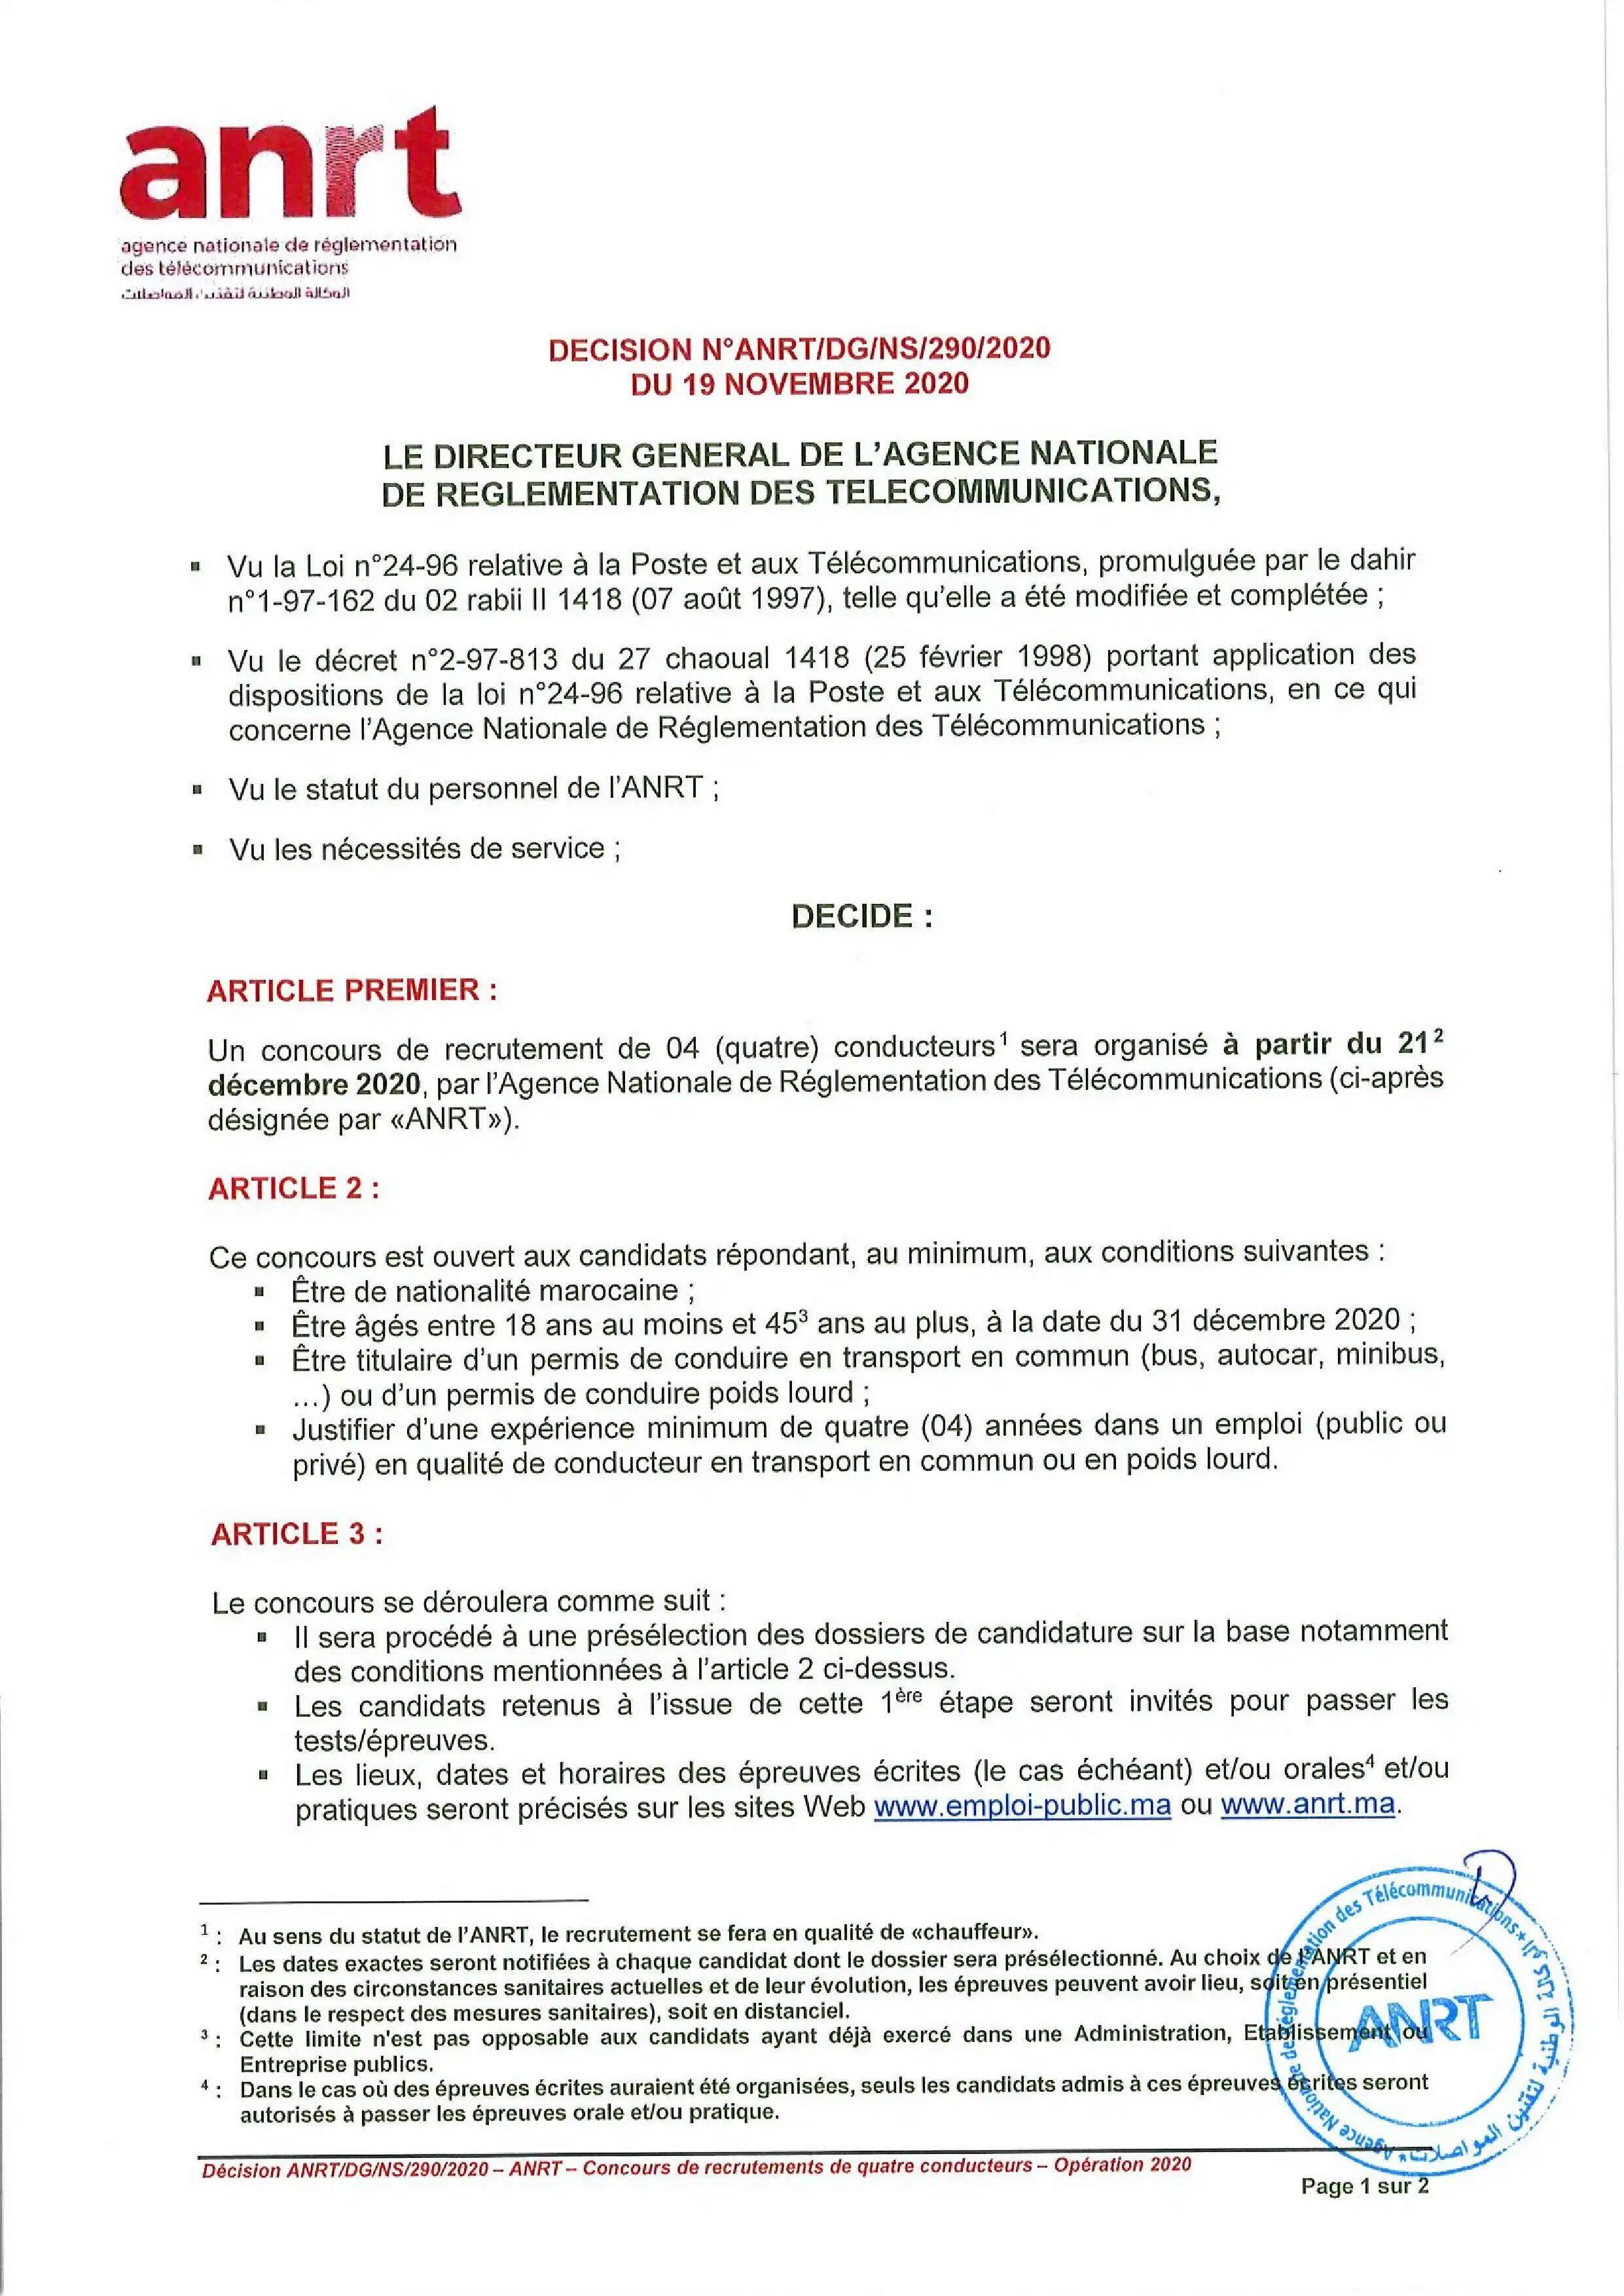 الوكالة الوطنية لتقنين المواصلات مباراة توظيف 04 سائقين آخر أجل 7 دجنبر 2020 Anrtre11